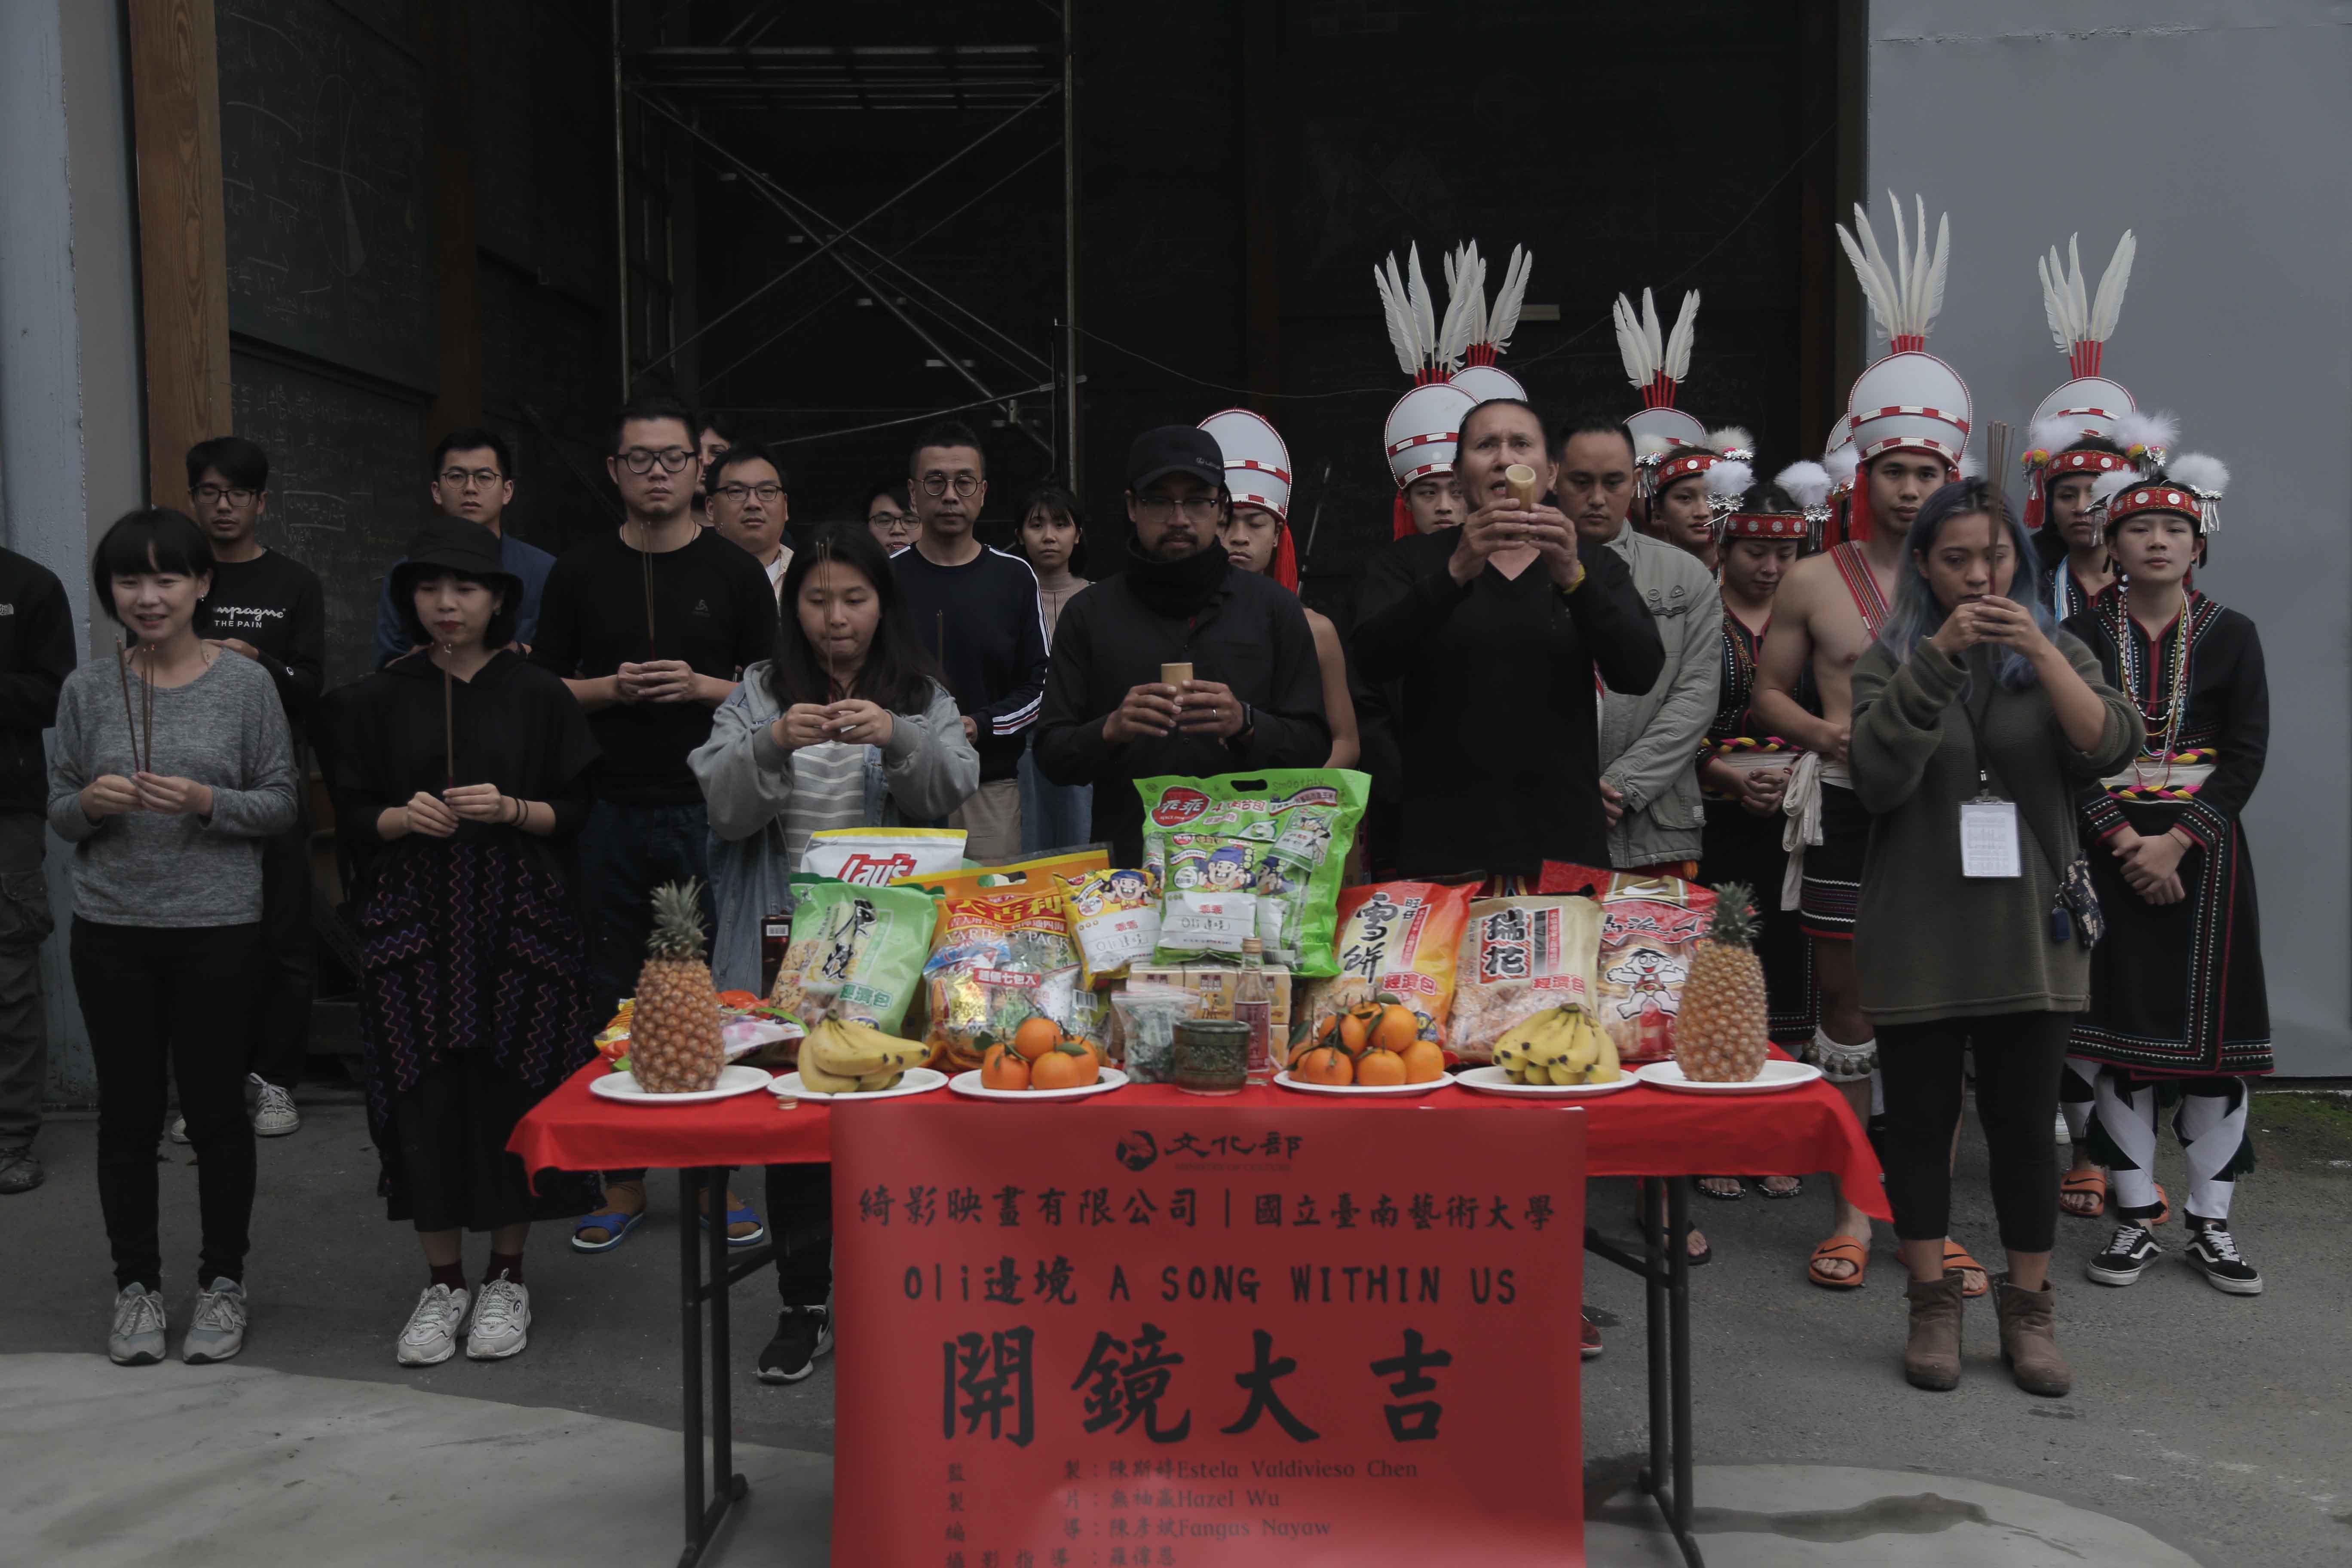 台灣VR影片國際矚目 坎城市場展吸引各國買家一探究竟 原住民音樂結合VR互動影片《Oli邊境》 驚艷各國影展選片人 Ezouao11